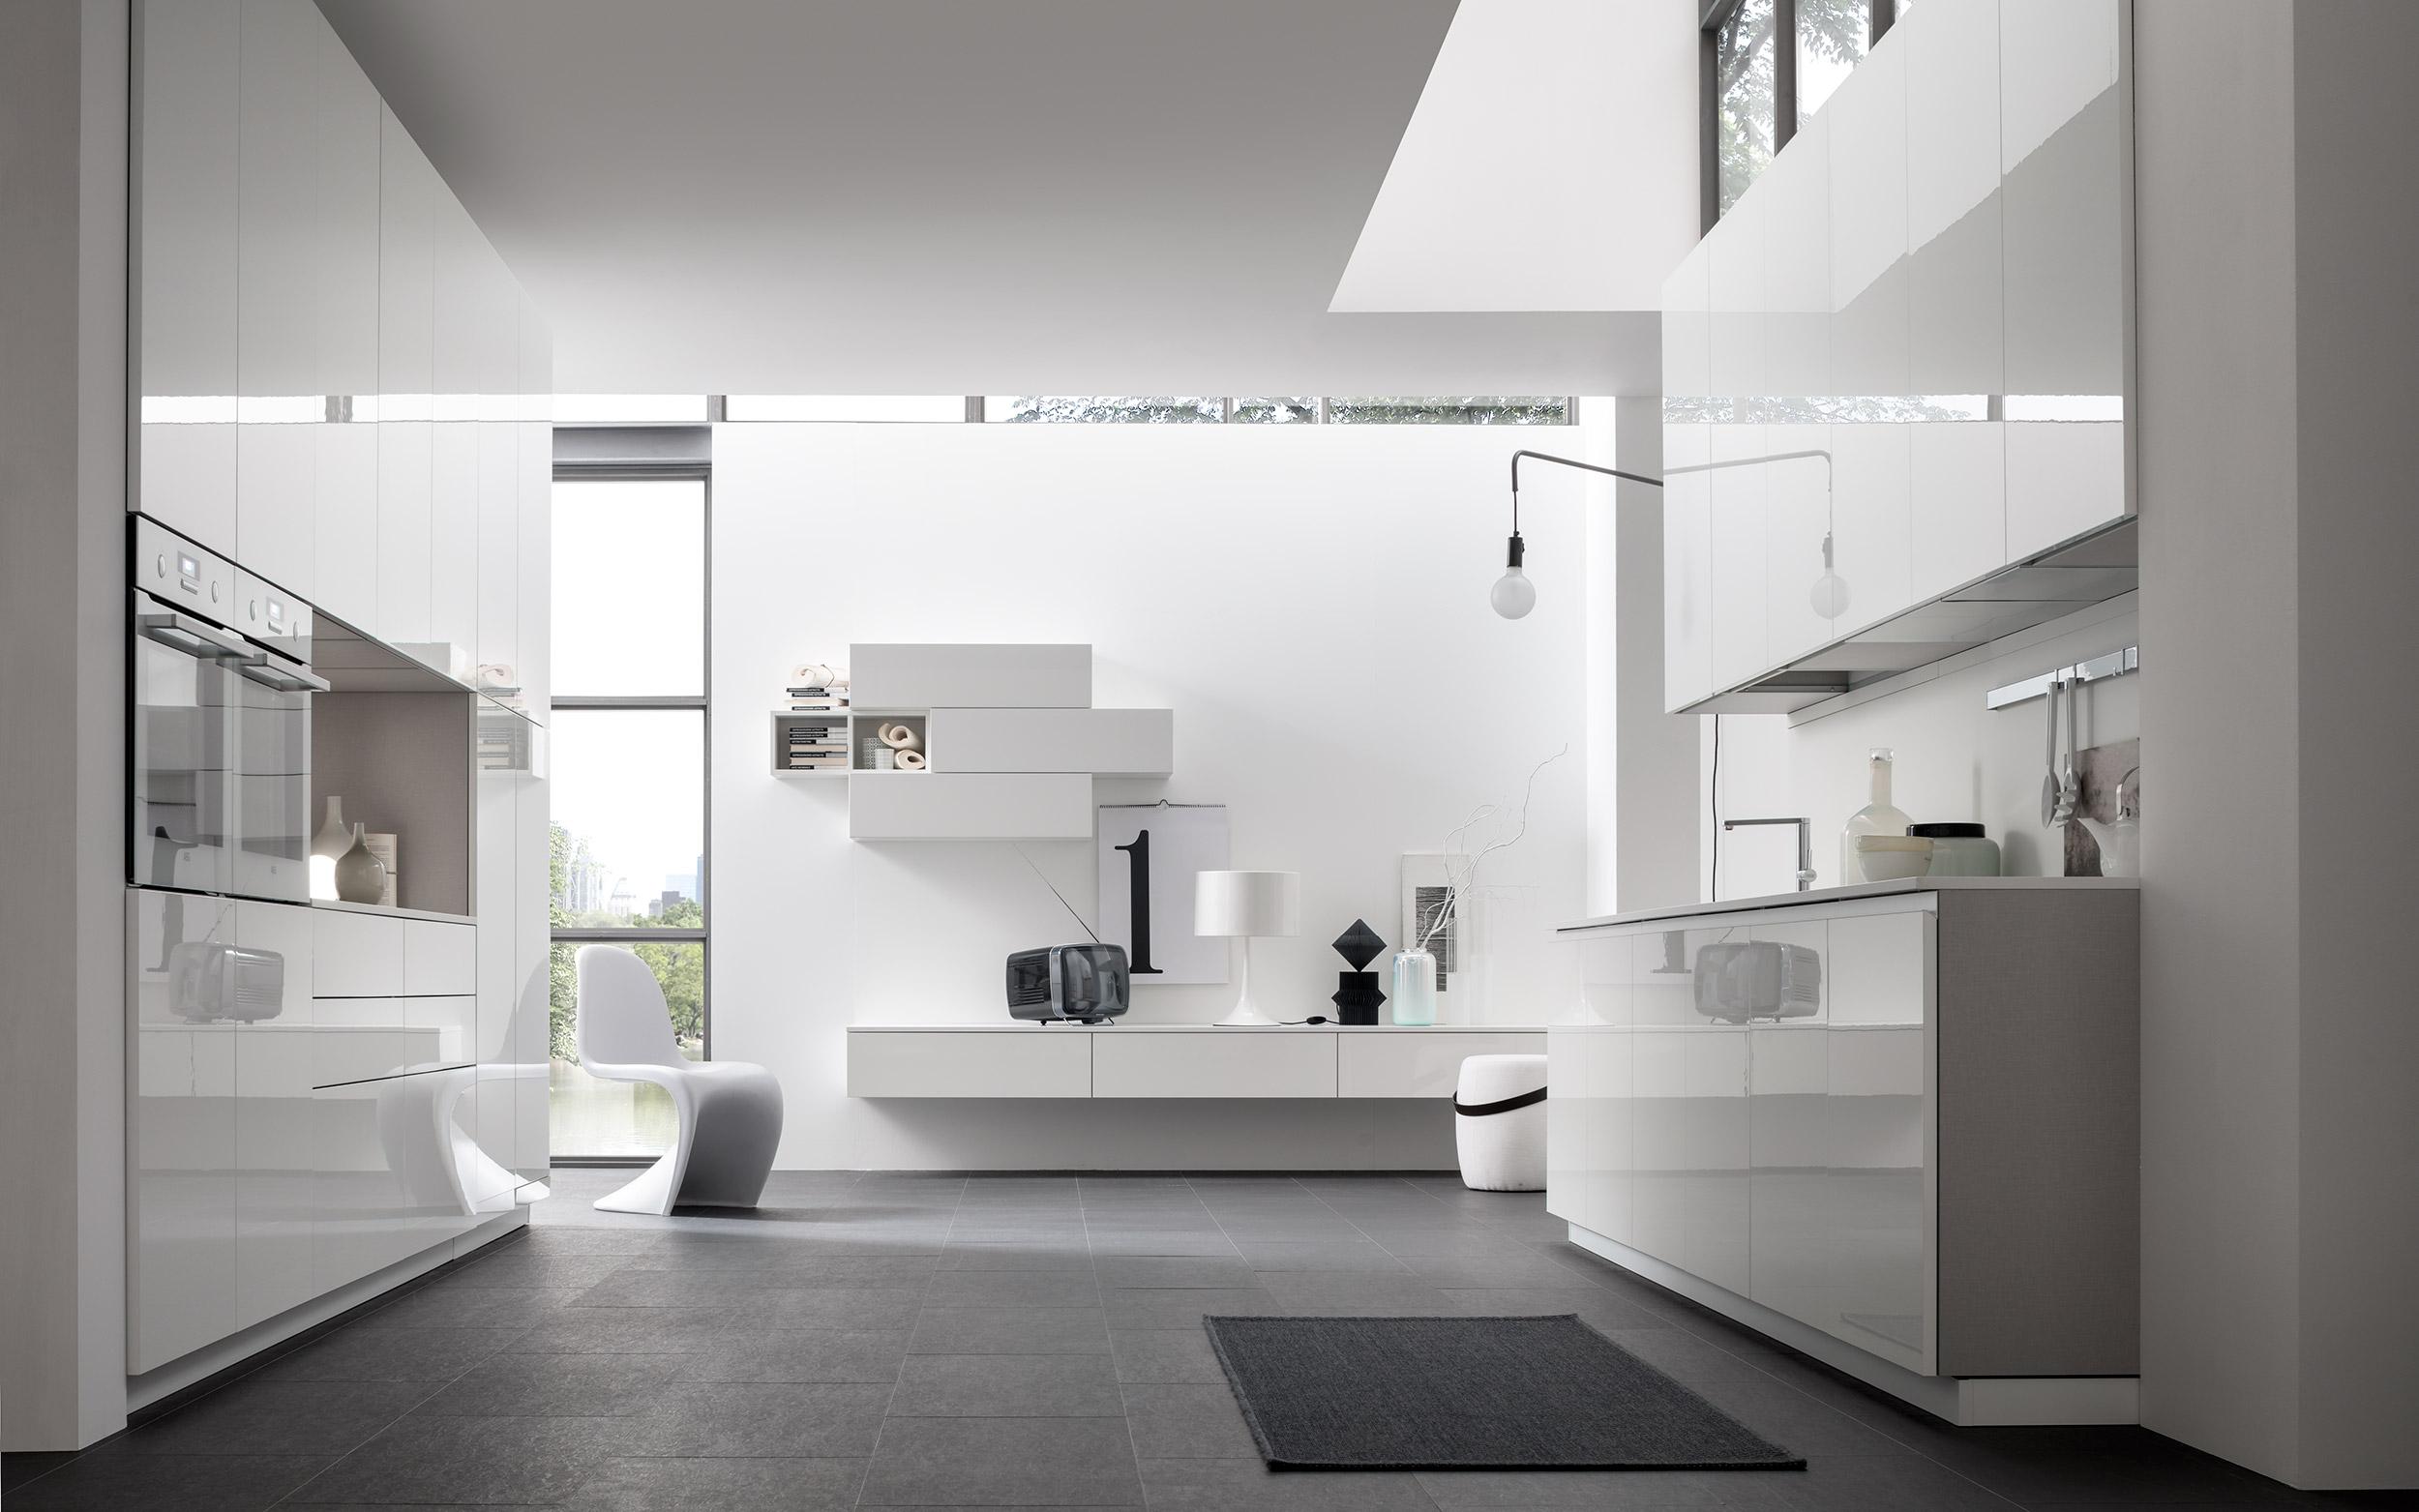 cucina lucida bianca